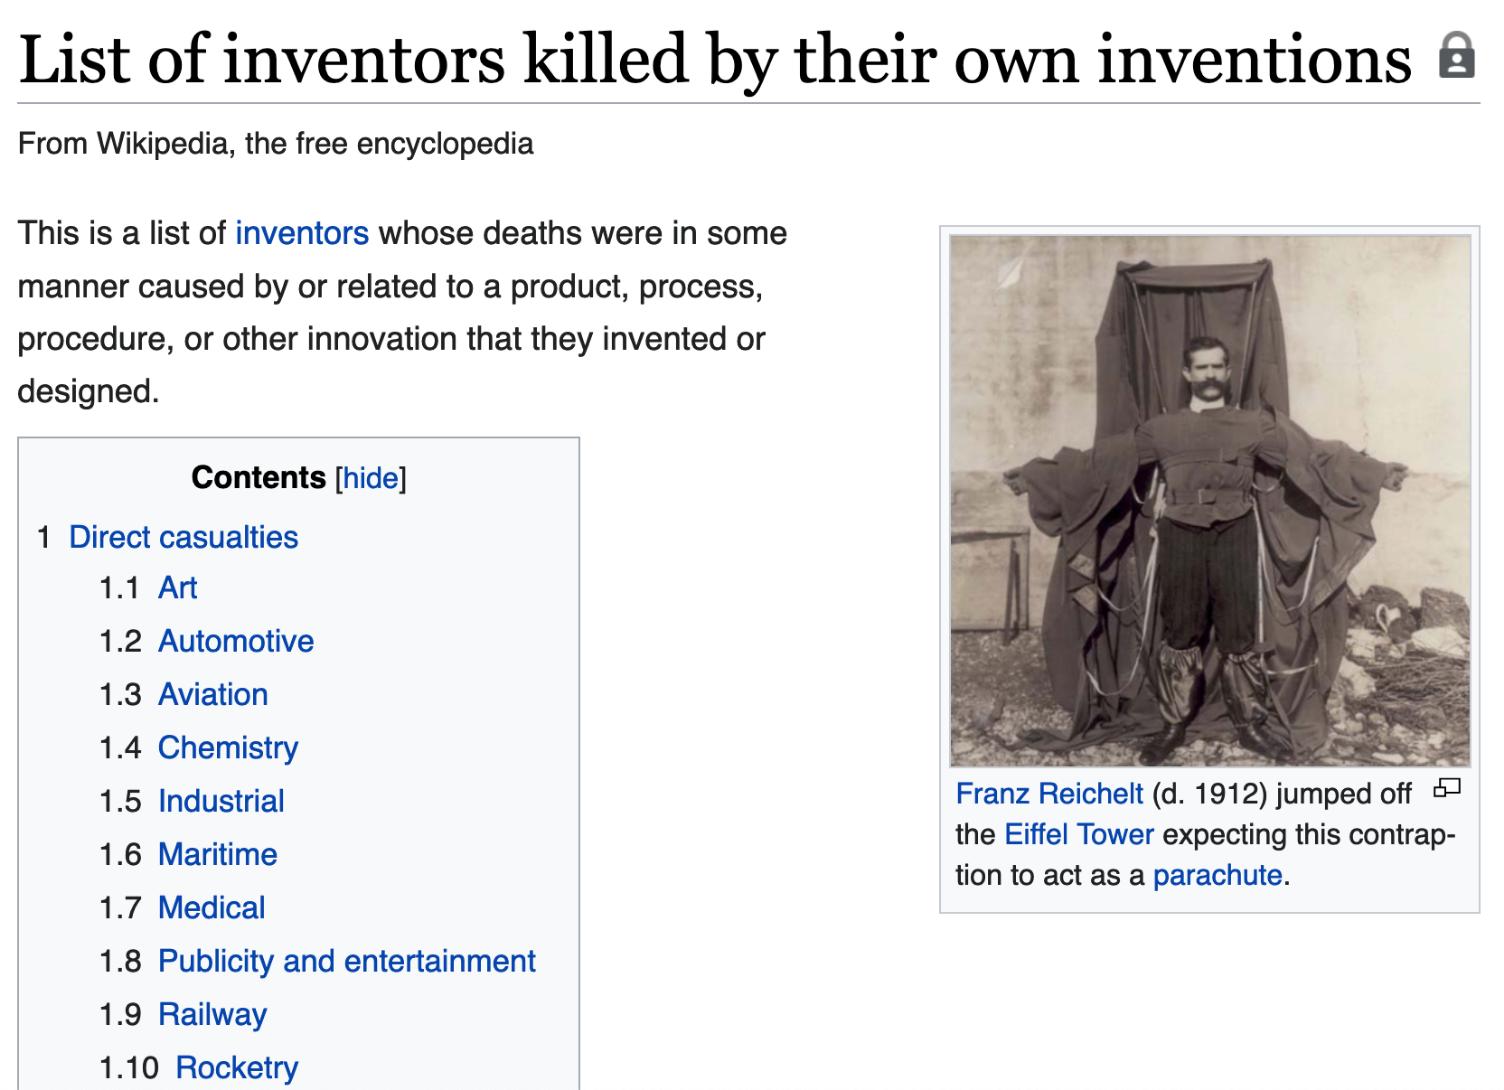 Wikipedia page: